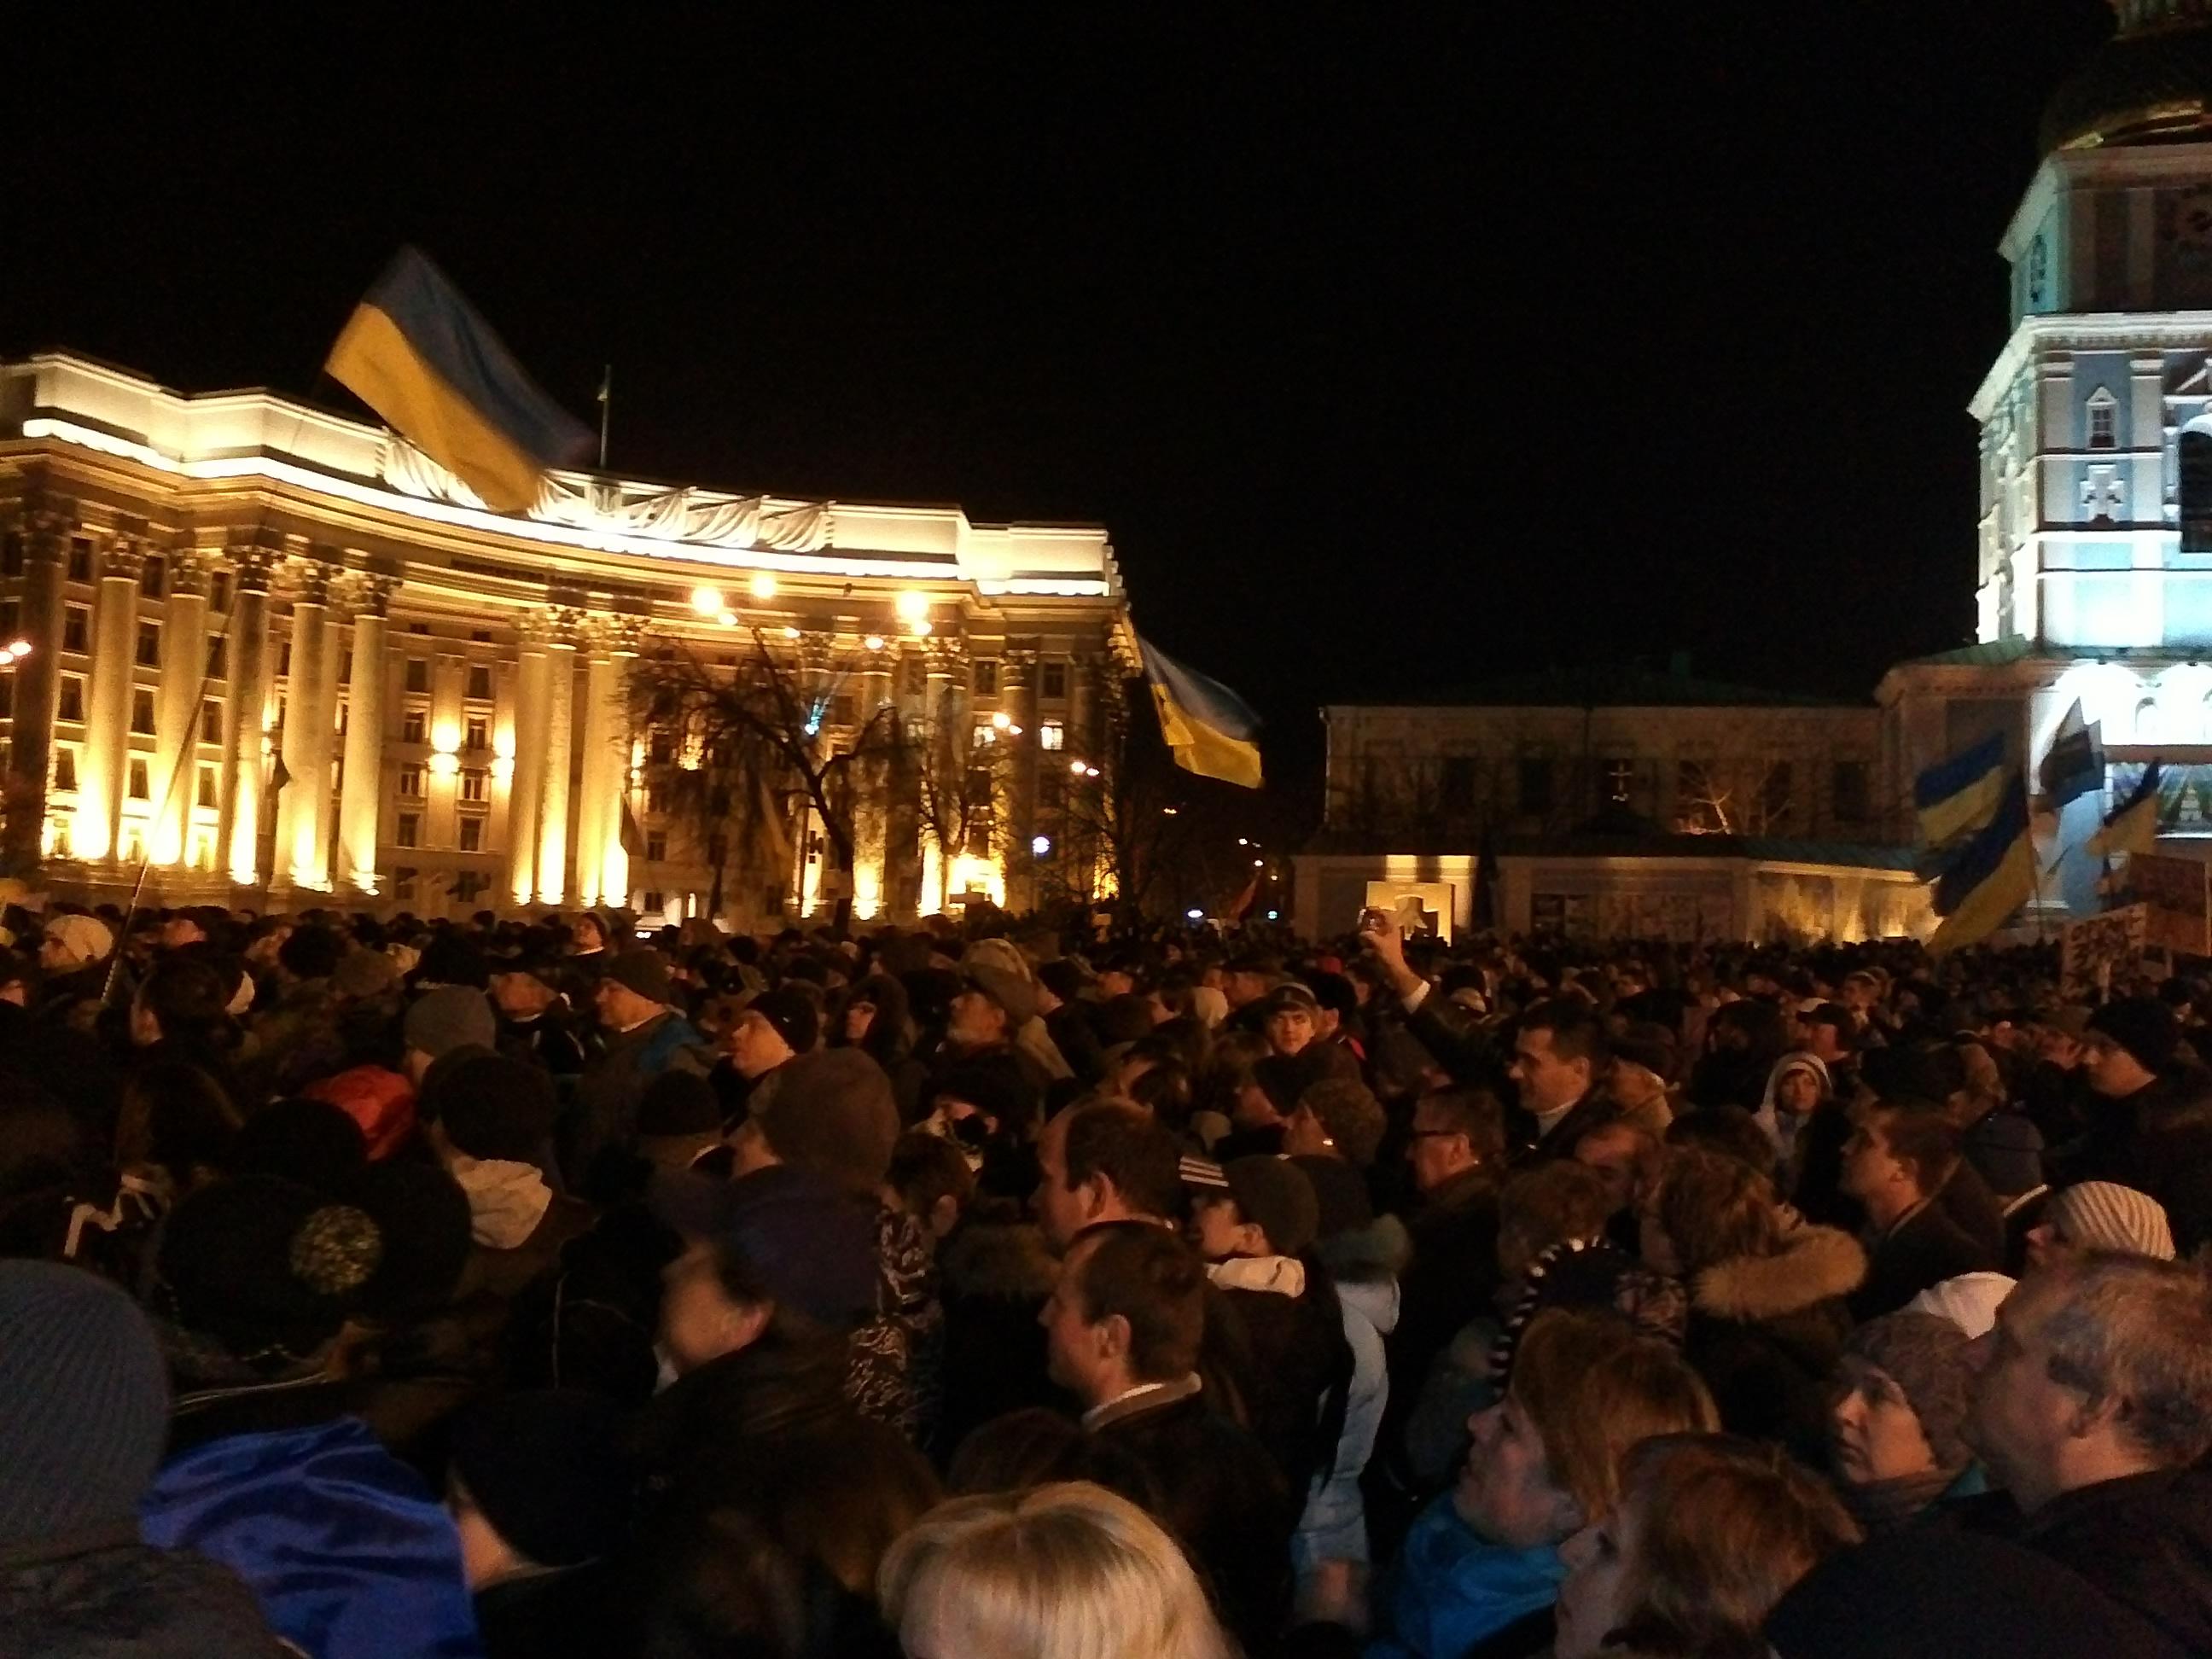 Mykhailivska_Kyiv_2013-11-30 (2).jpg